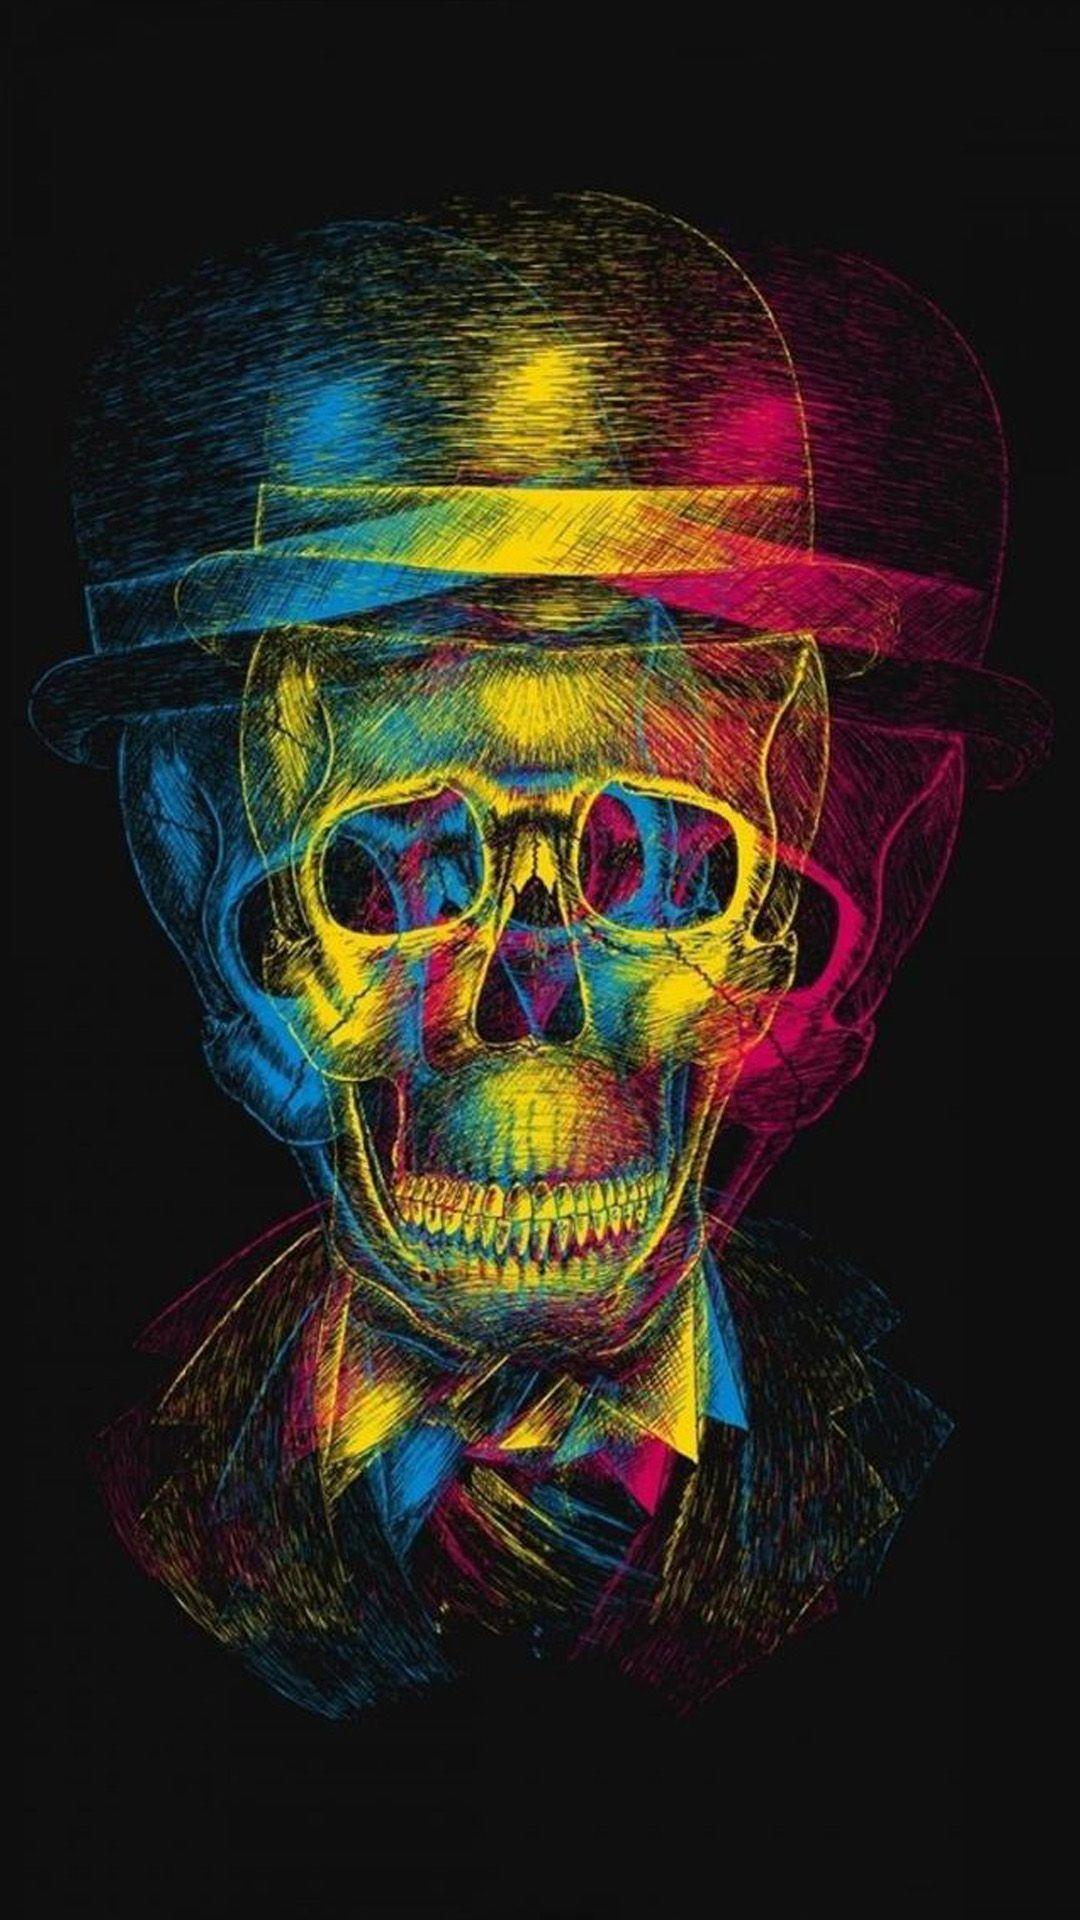 Colorful Overlap Skull In Hat Design Art iPhone 6 ...